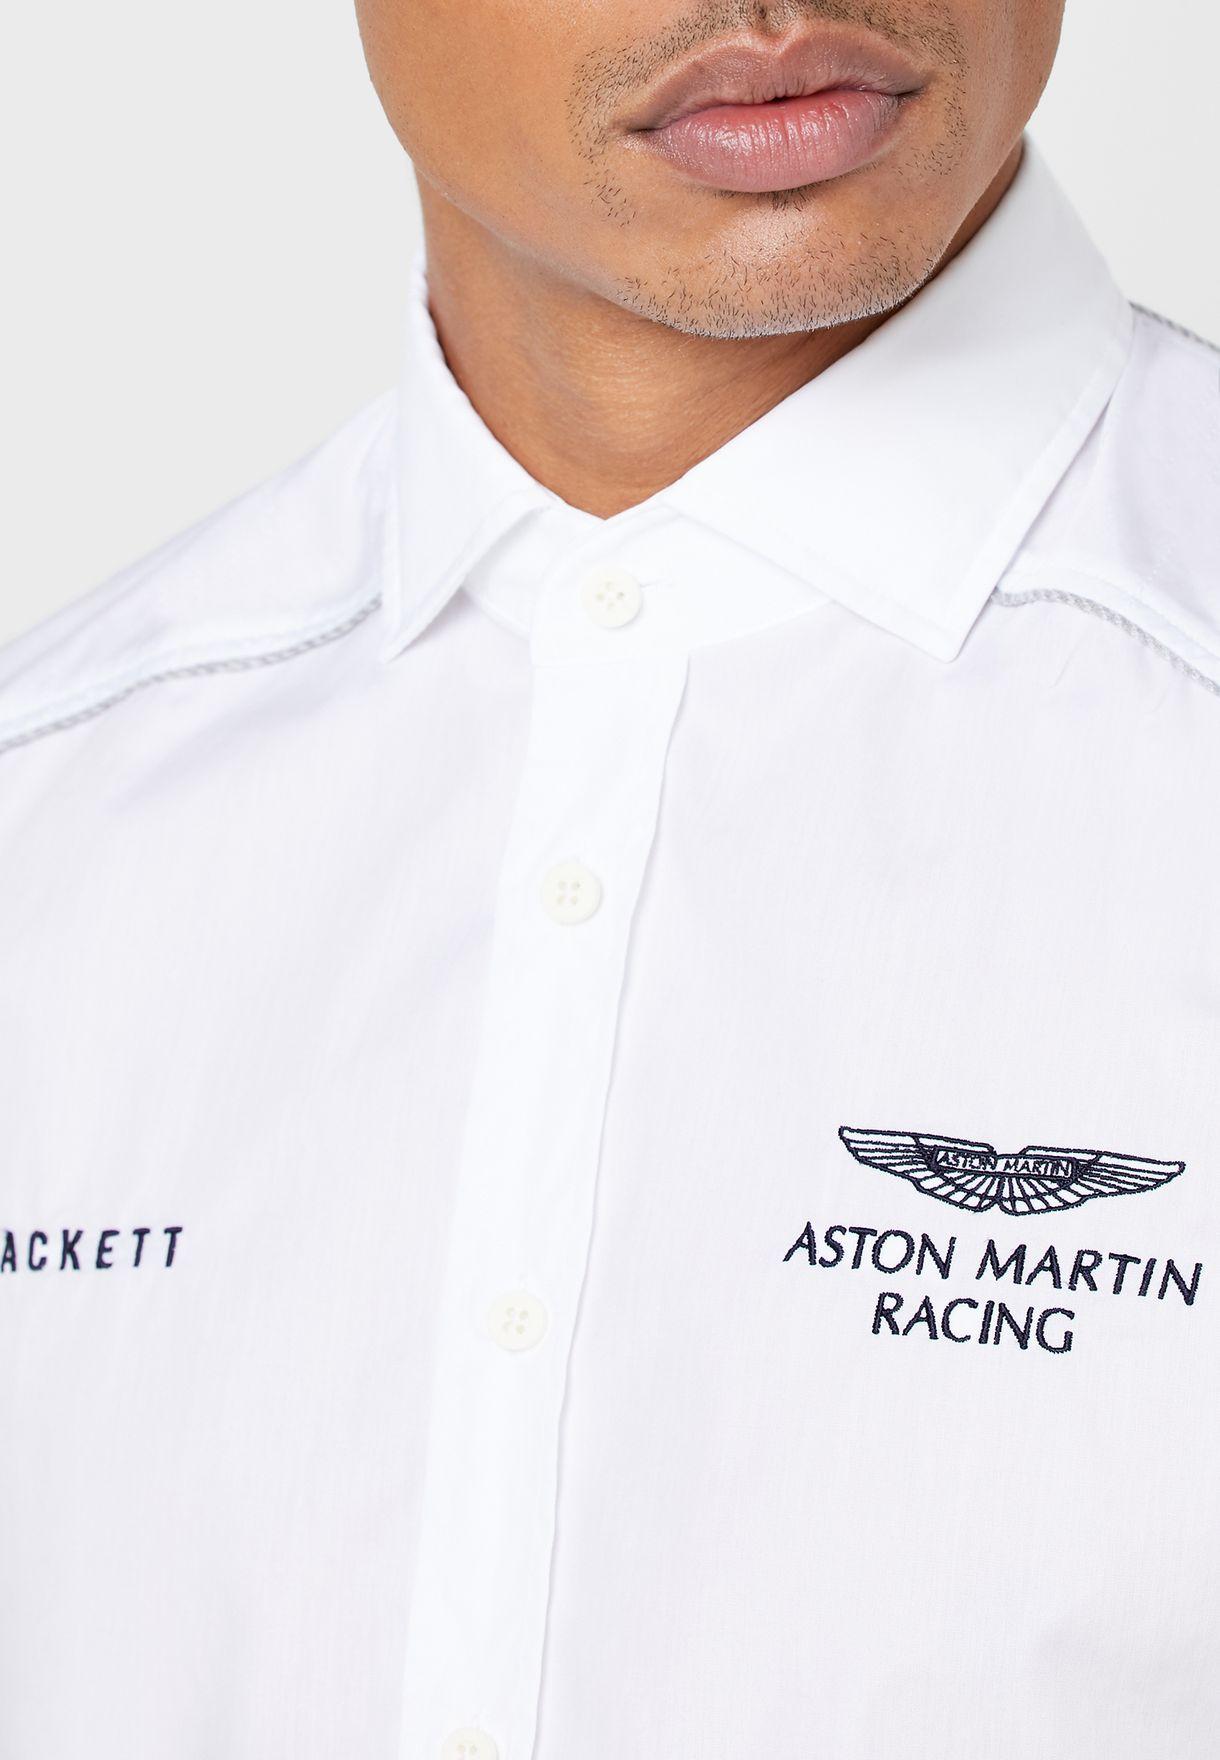 قميص بشعار سباق أستون مارتن